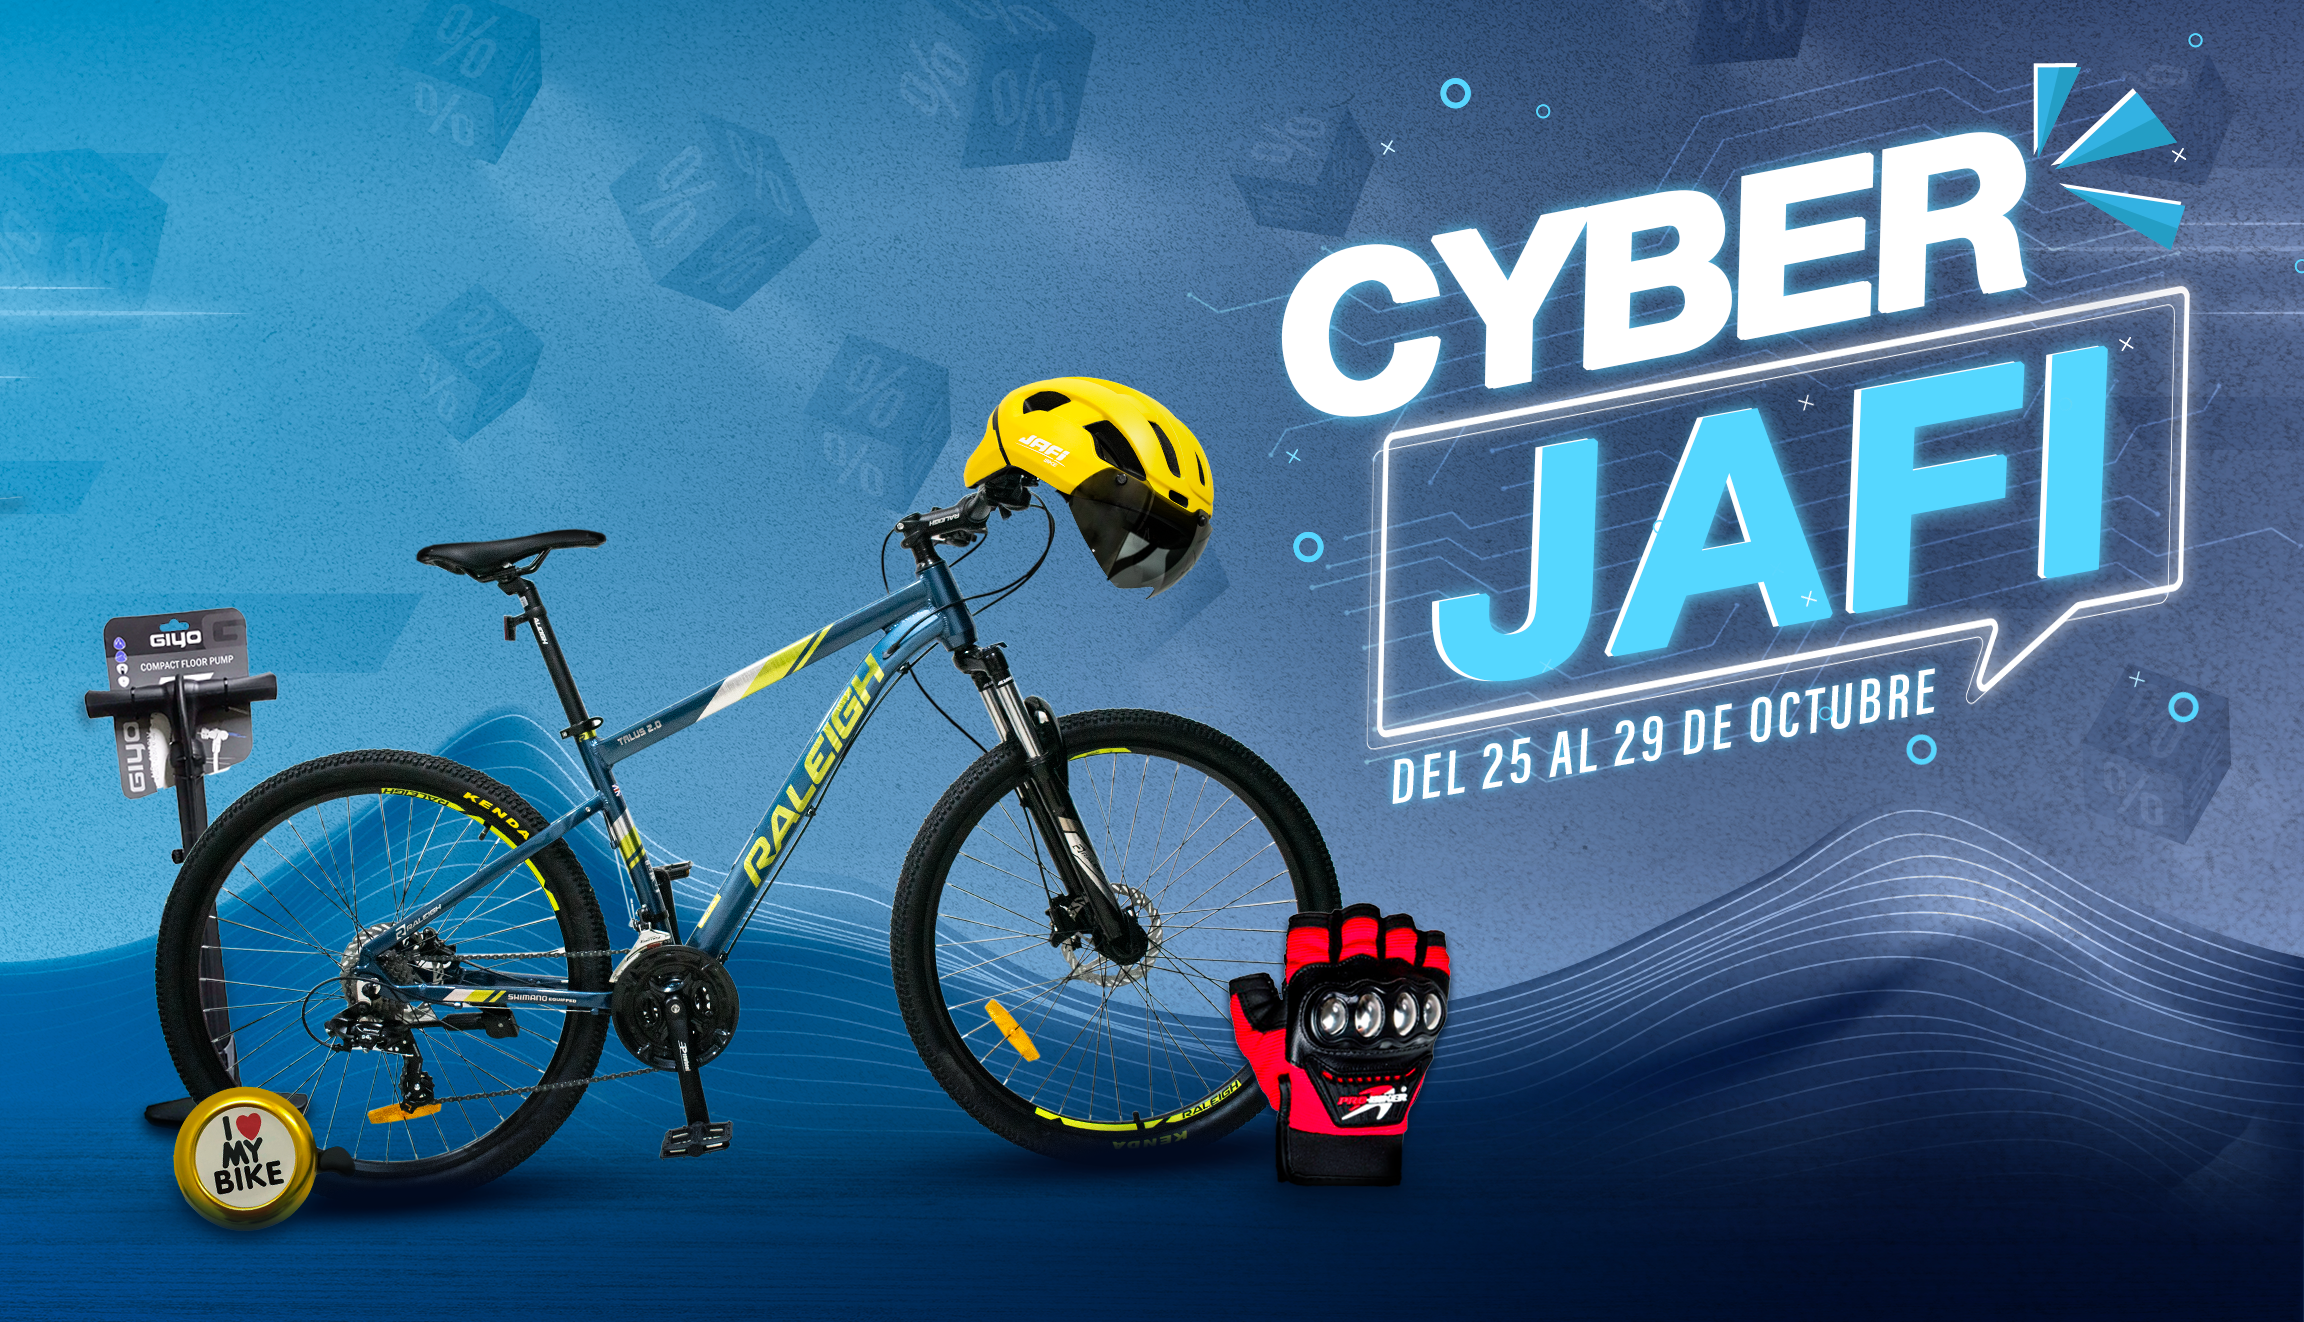 Portada Cyber jafi Web - Octubre